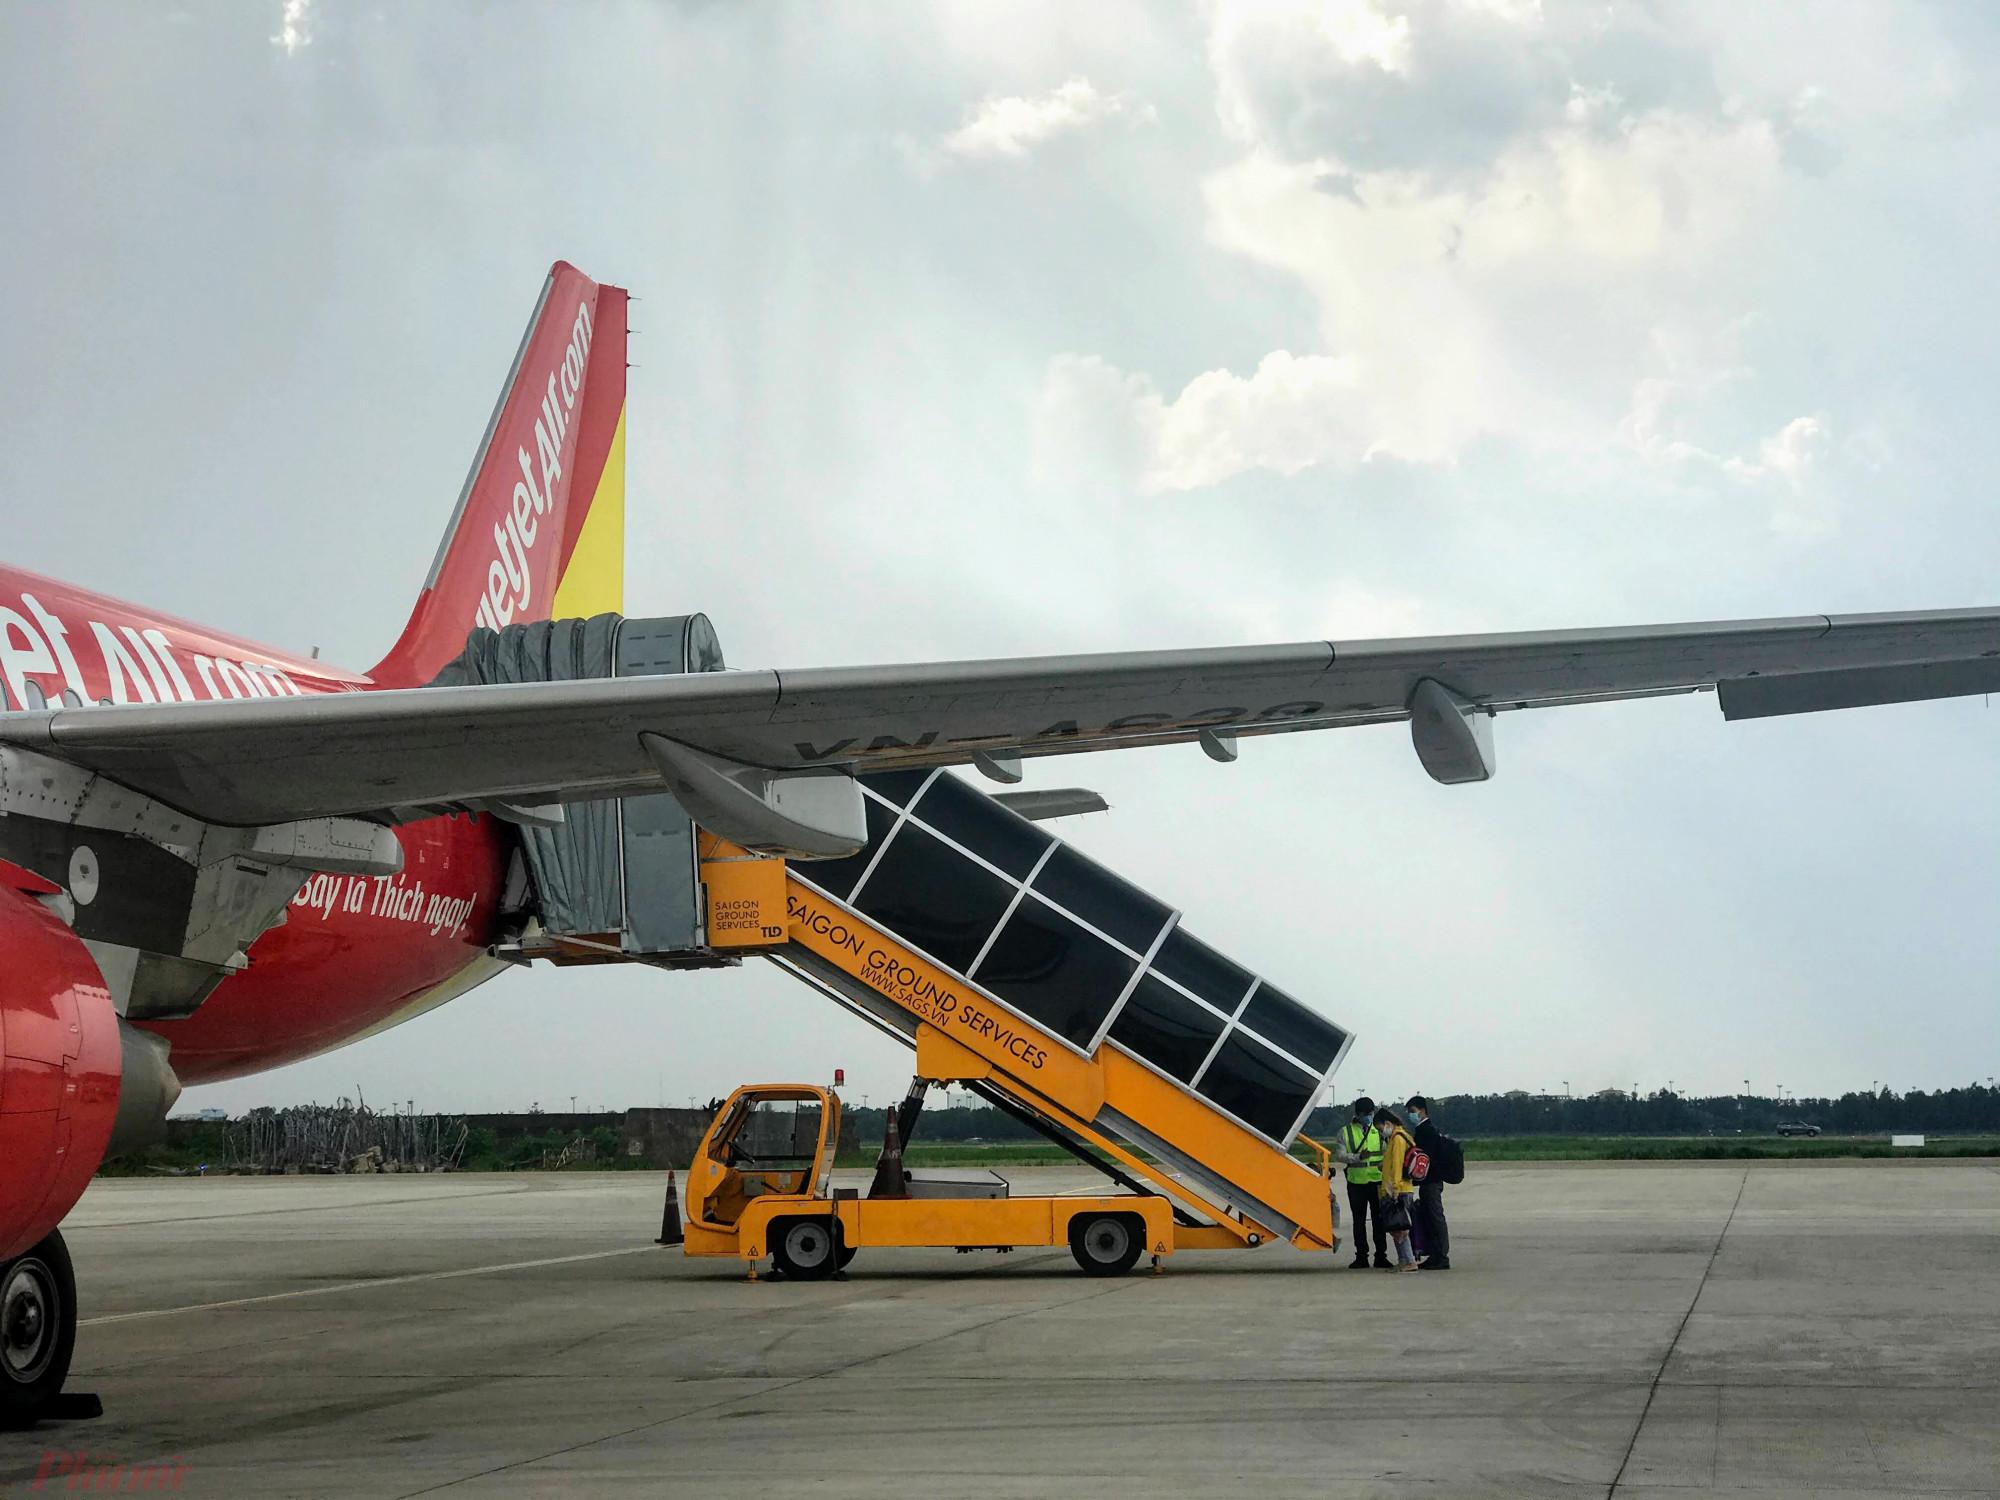 Khách hàng chuẩn bị lên máy tại sân bay Tân Sơn Nhất. Ảnh: Quốc Thái